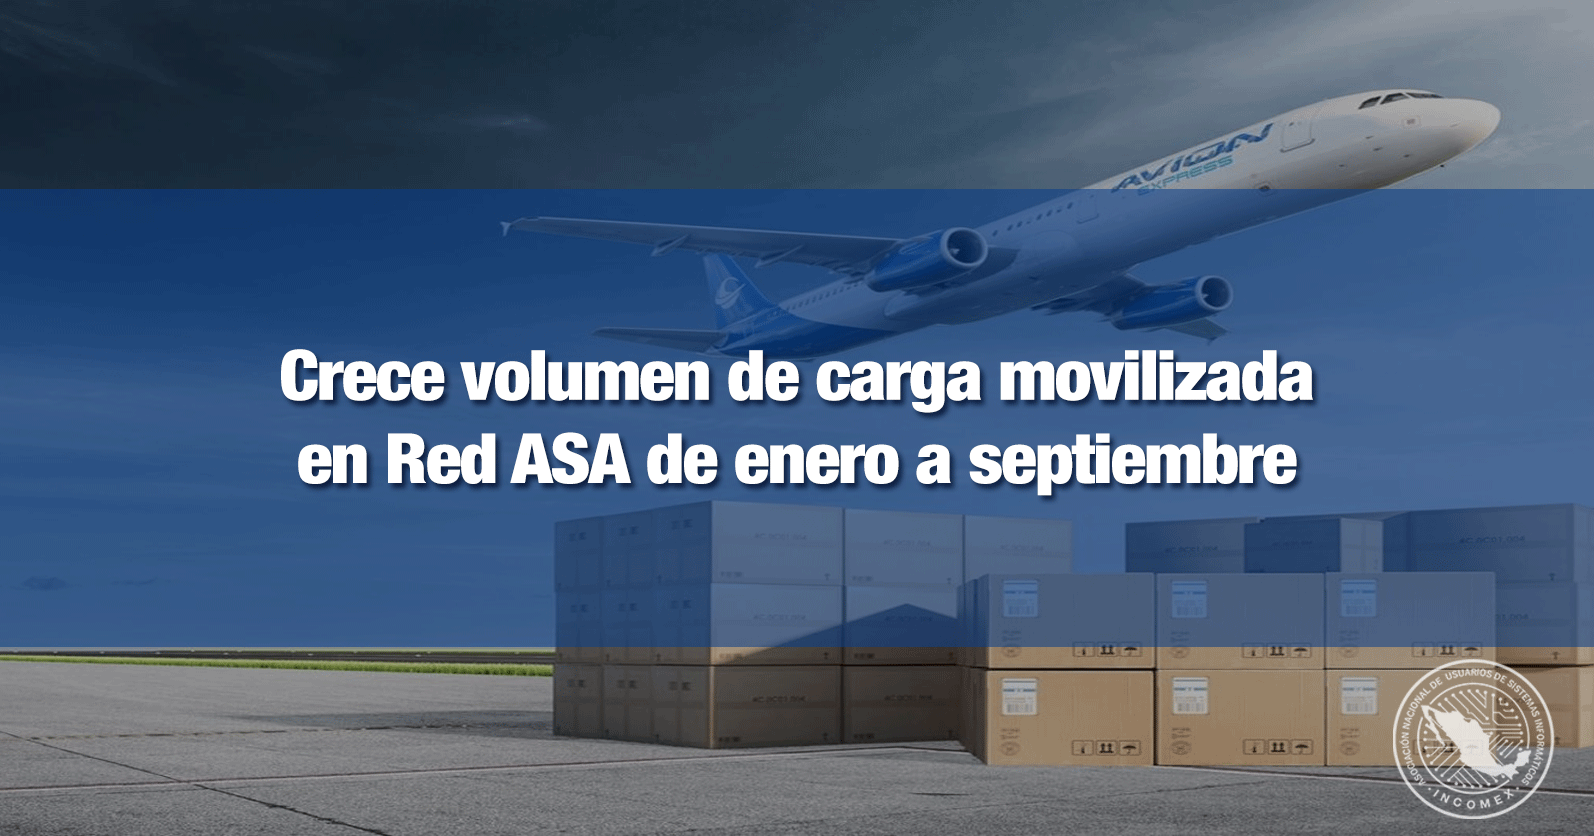 Crece volumen de carga movilizada en Red ASA de enero a septiembre